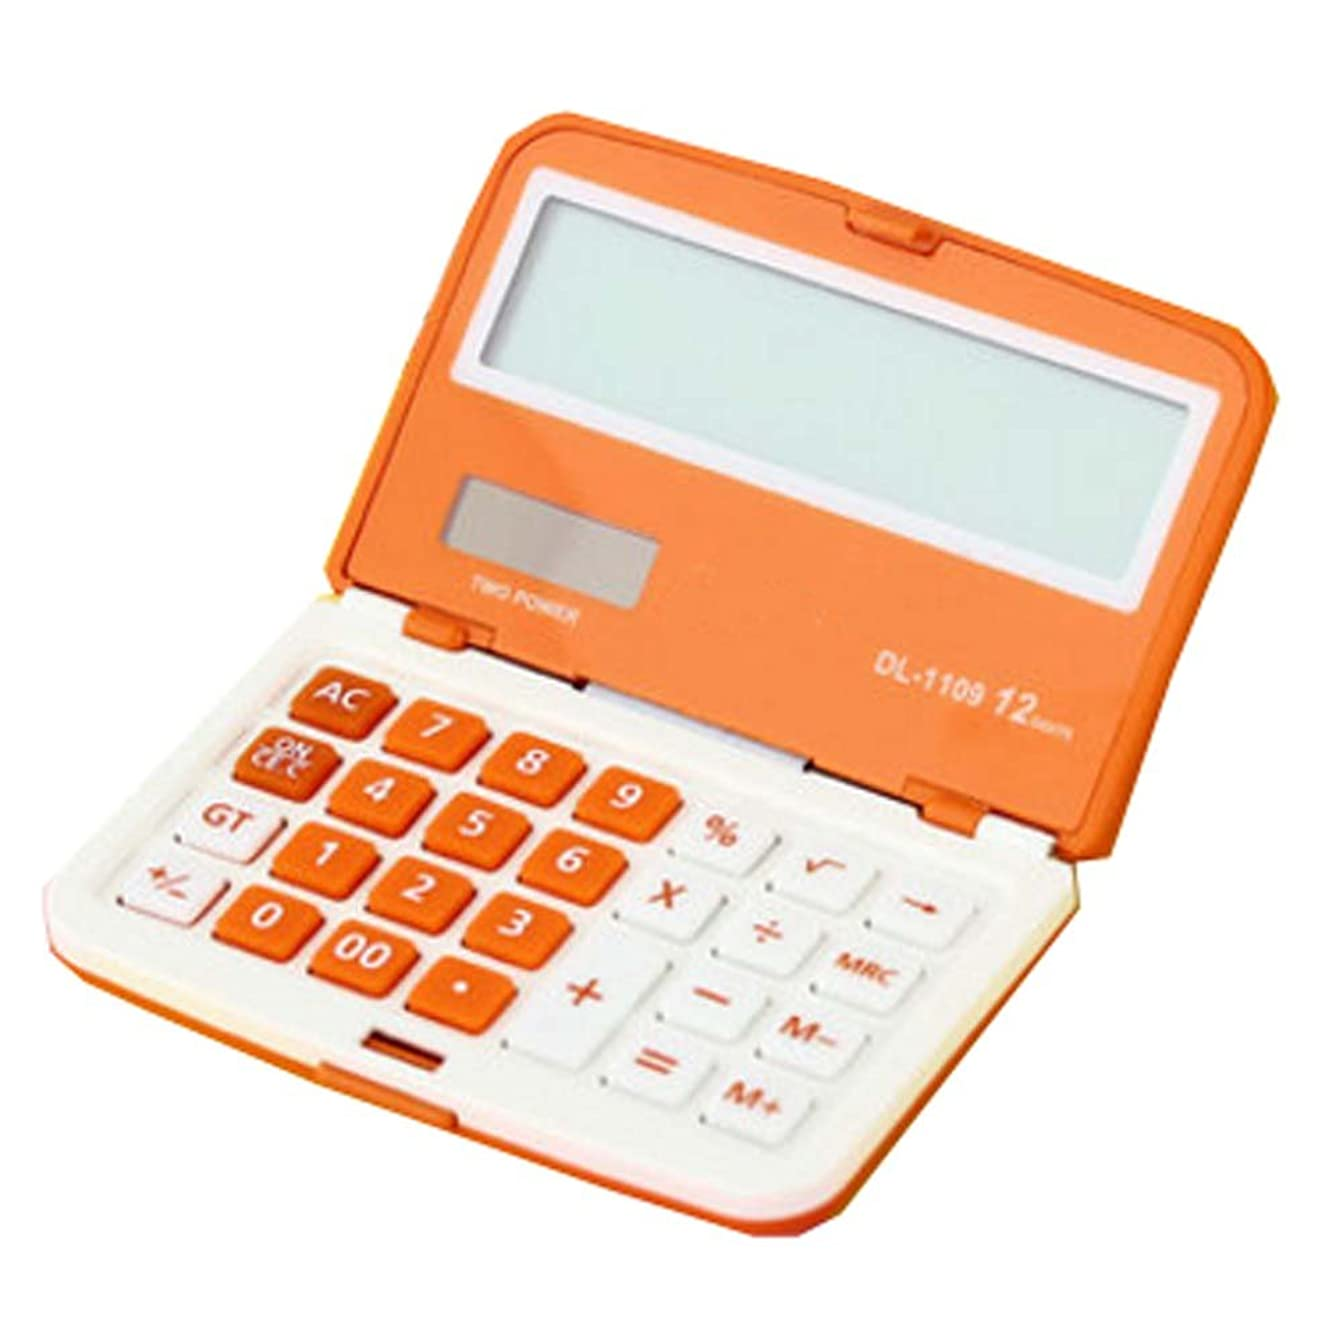 病んでいる病者上に築きます電卓、標準機能デスクトップ電卓8桁の大きな表示で、a6